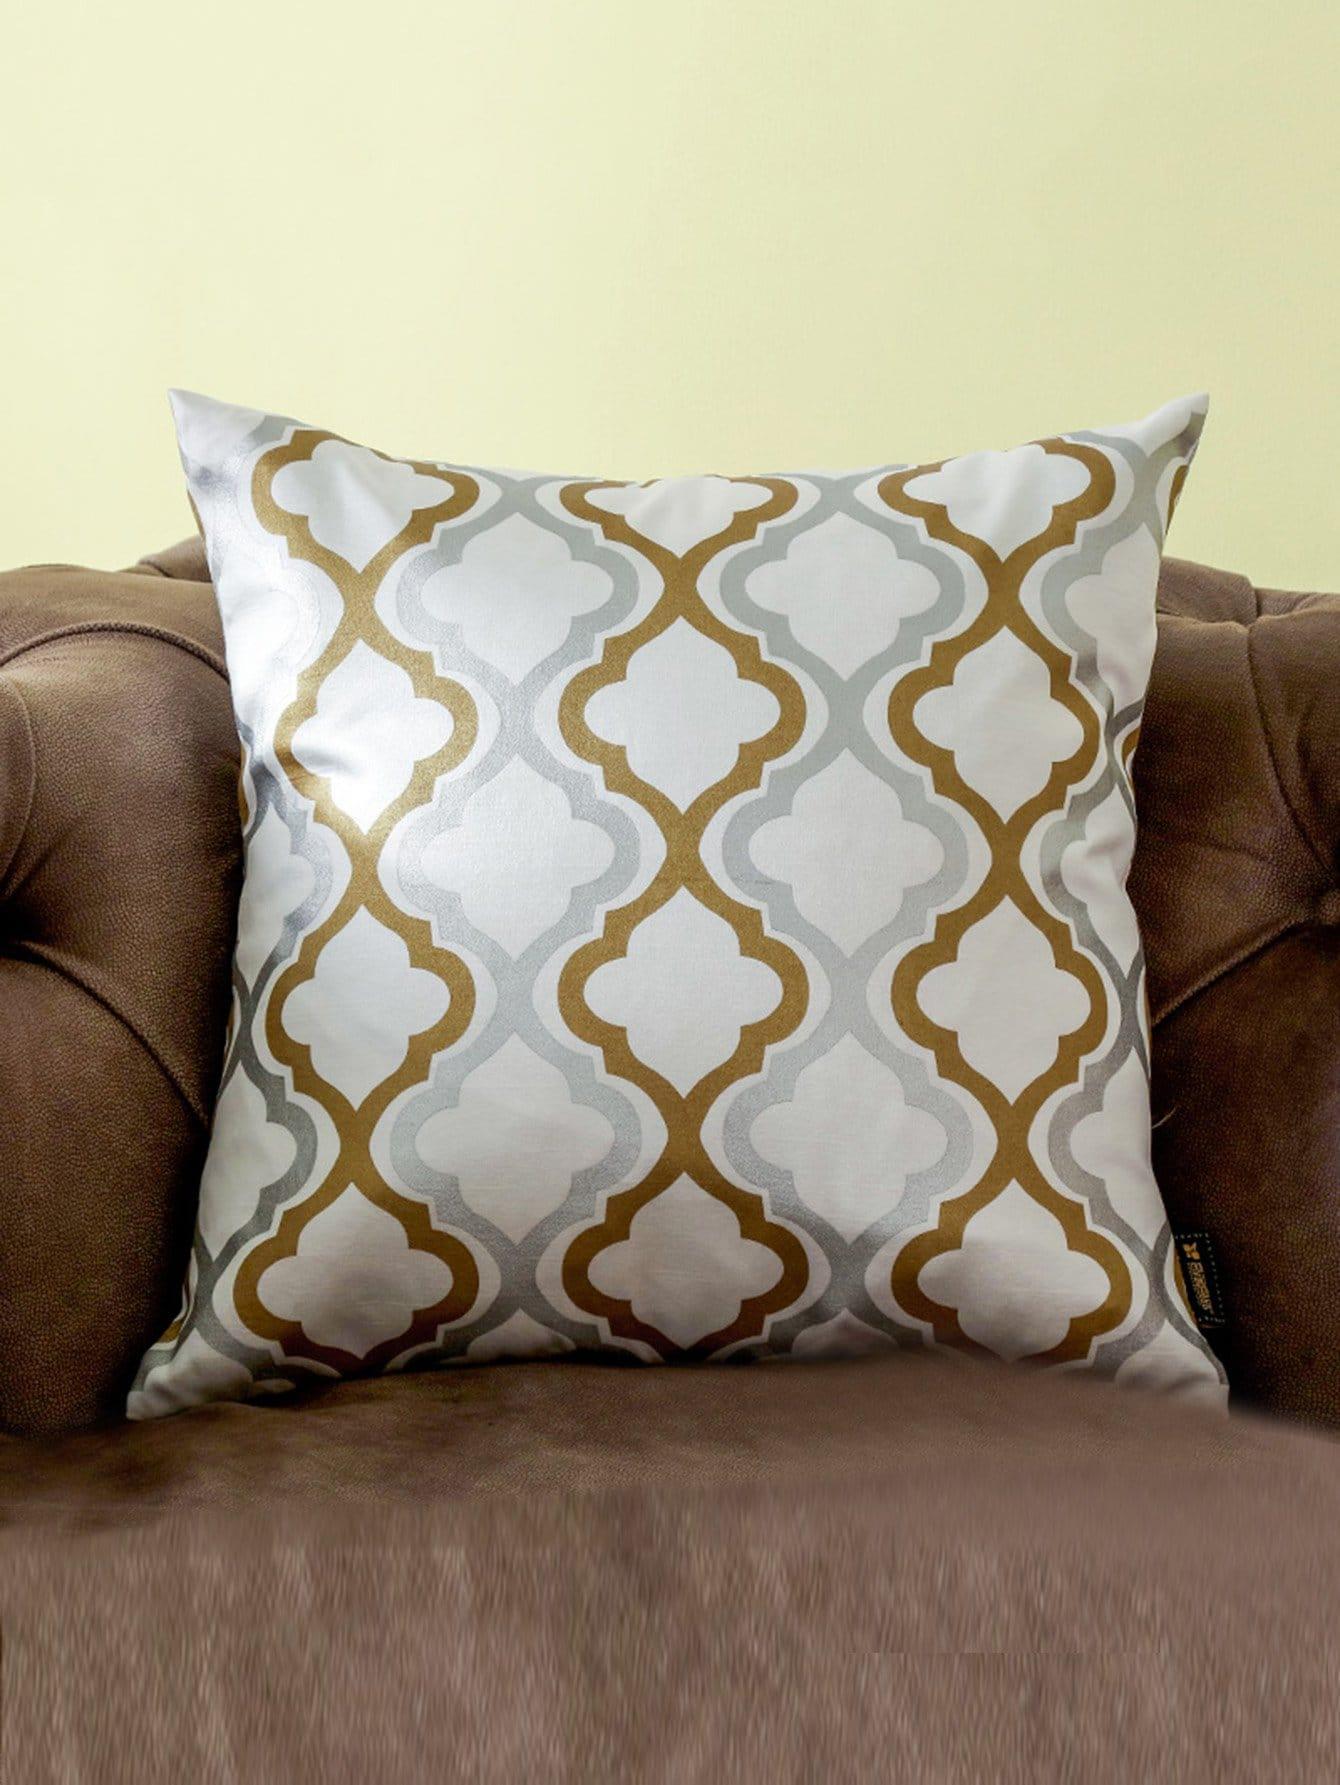 Moroccan Print Cushion Cover cartoon animal print cushion cover